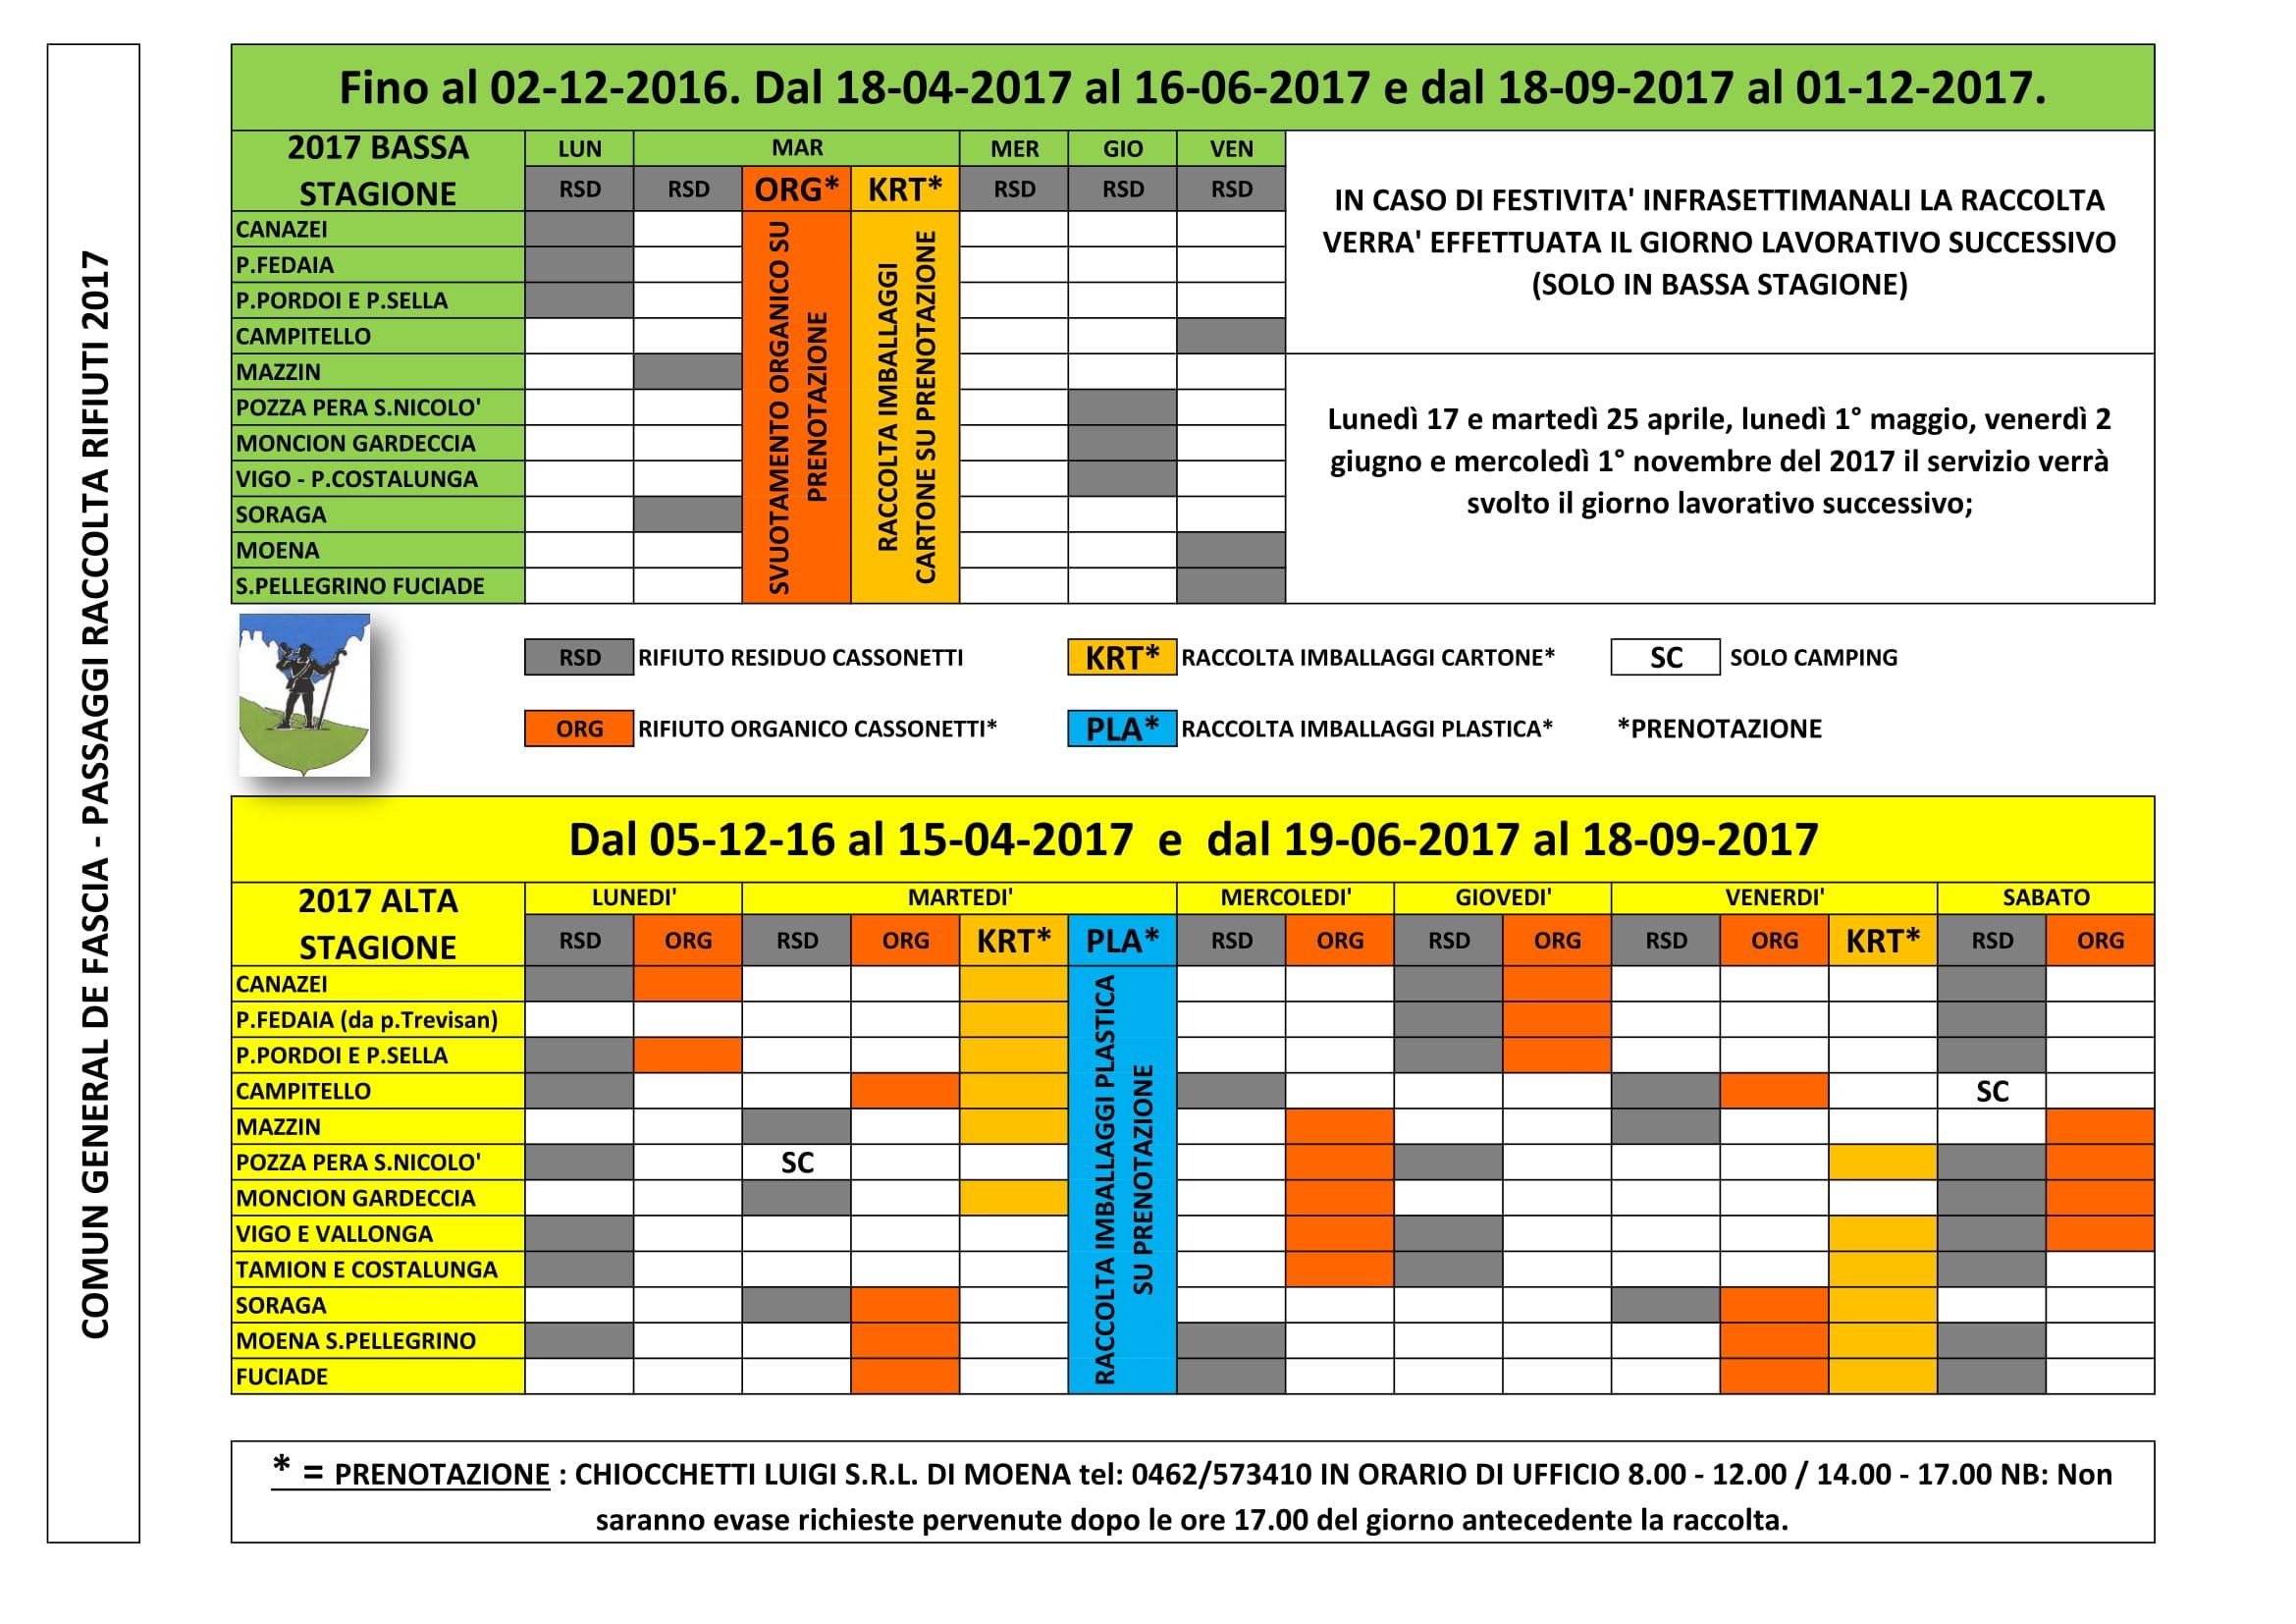 Calendario dello svuotamento dei cassonetti 2017